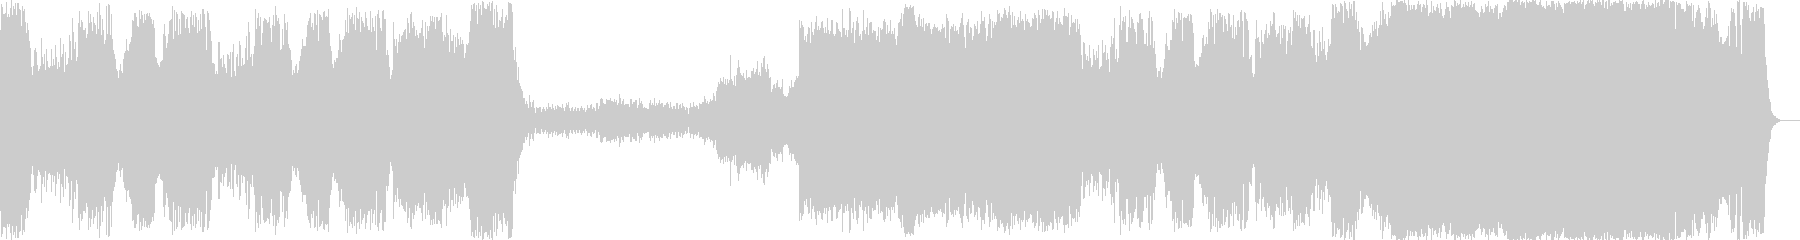 エドワードエルガーが作曲した行進曲の未再生の波形